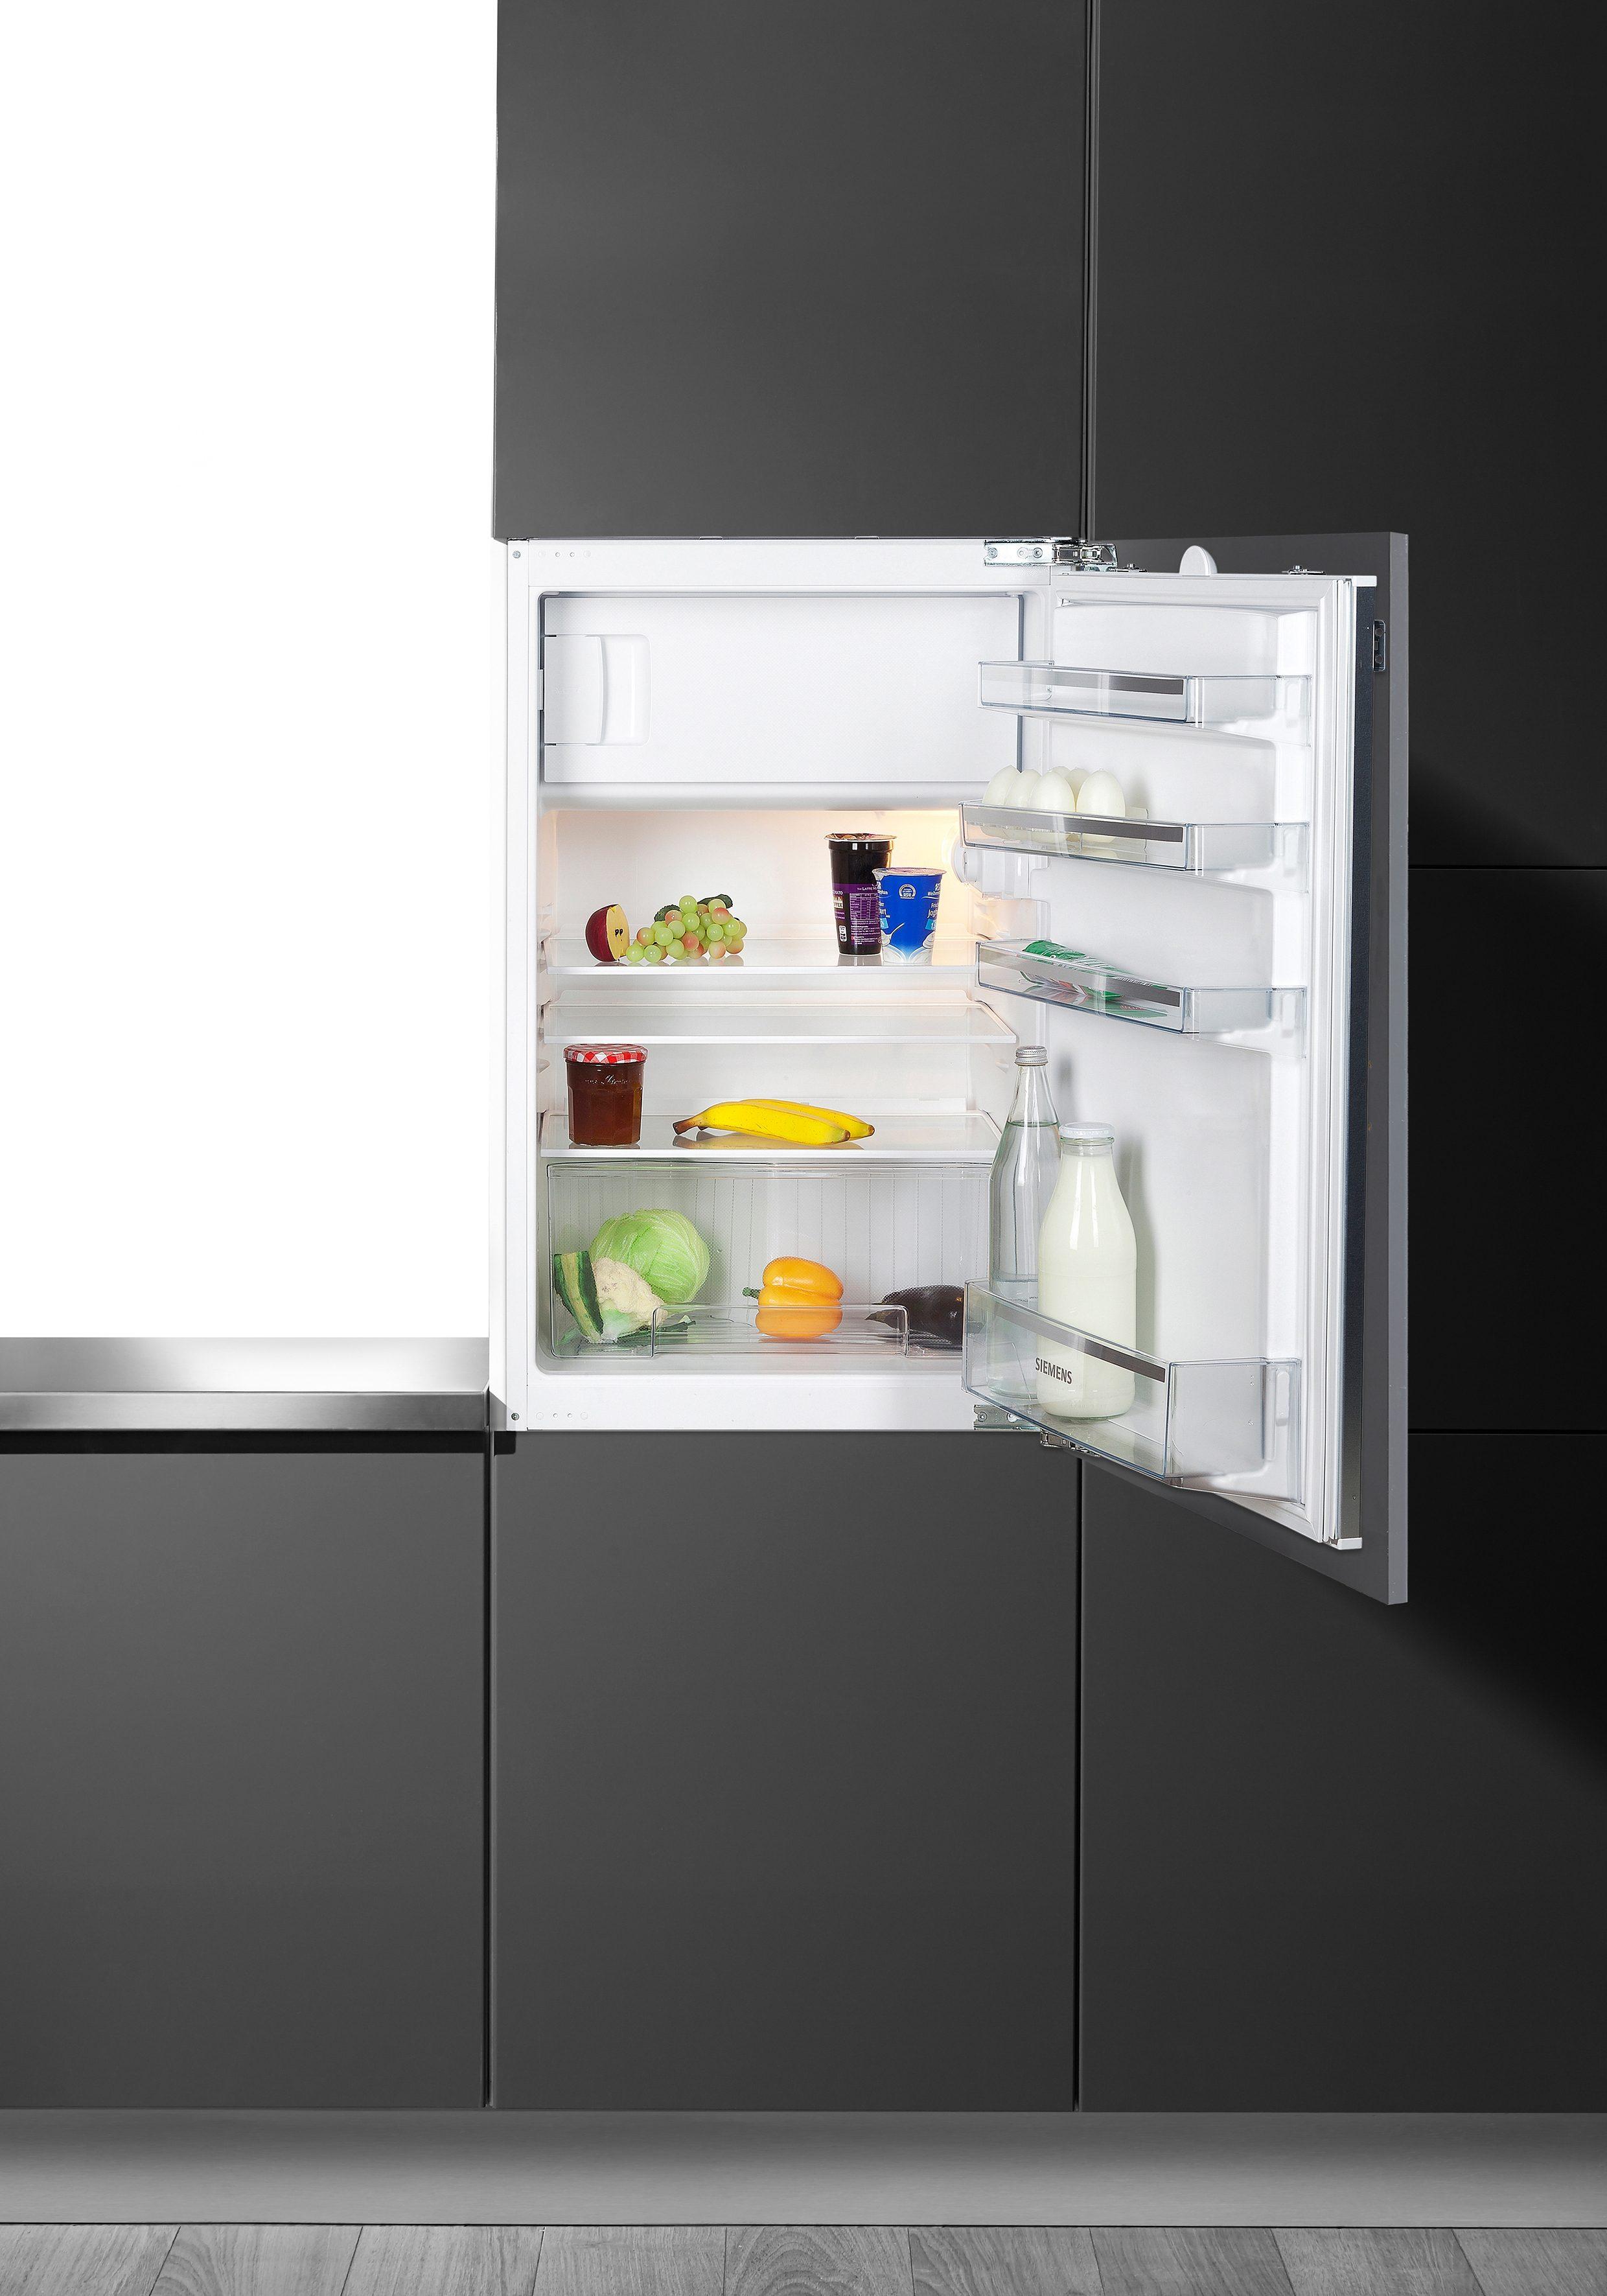 Siemens Integrierbarer Einbau-Kühlschrank KI18LV60, A++, 87,4 cm, für 88er Nische